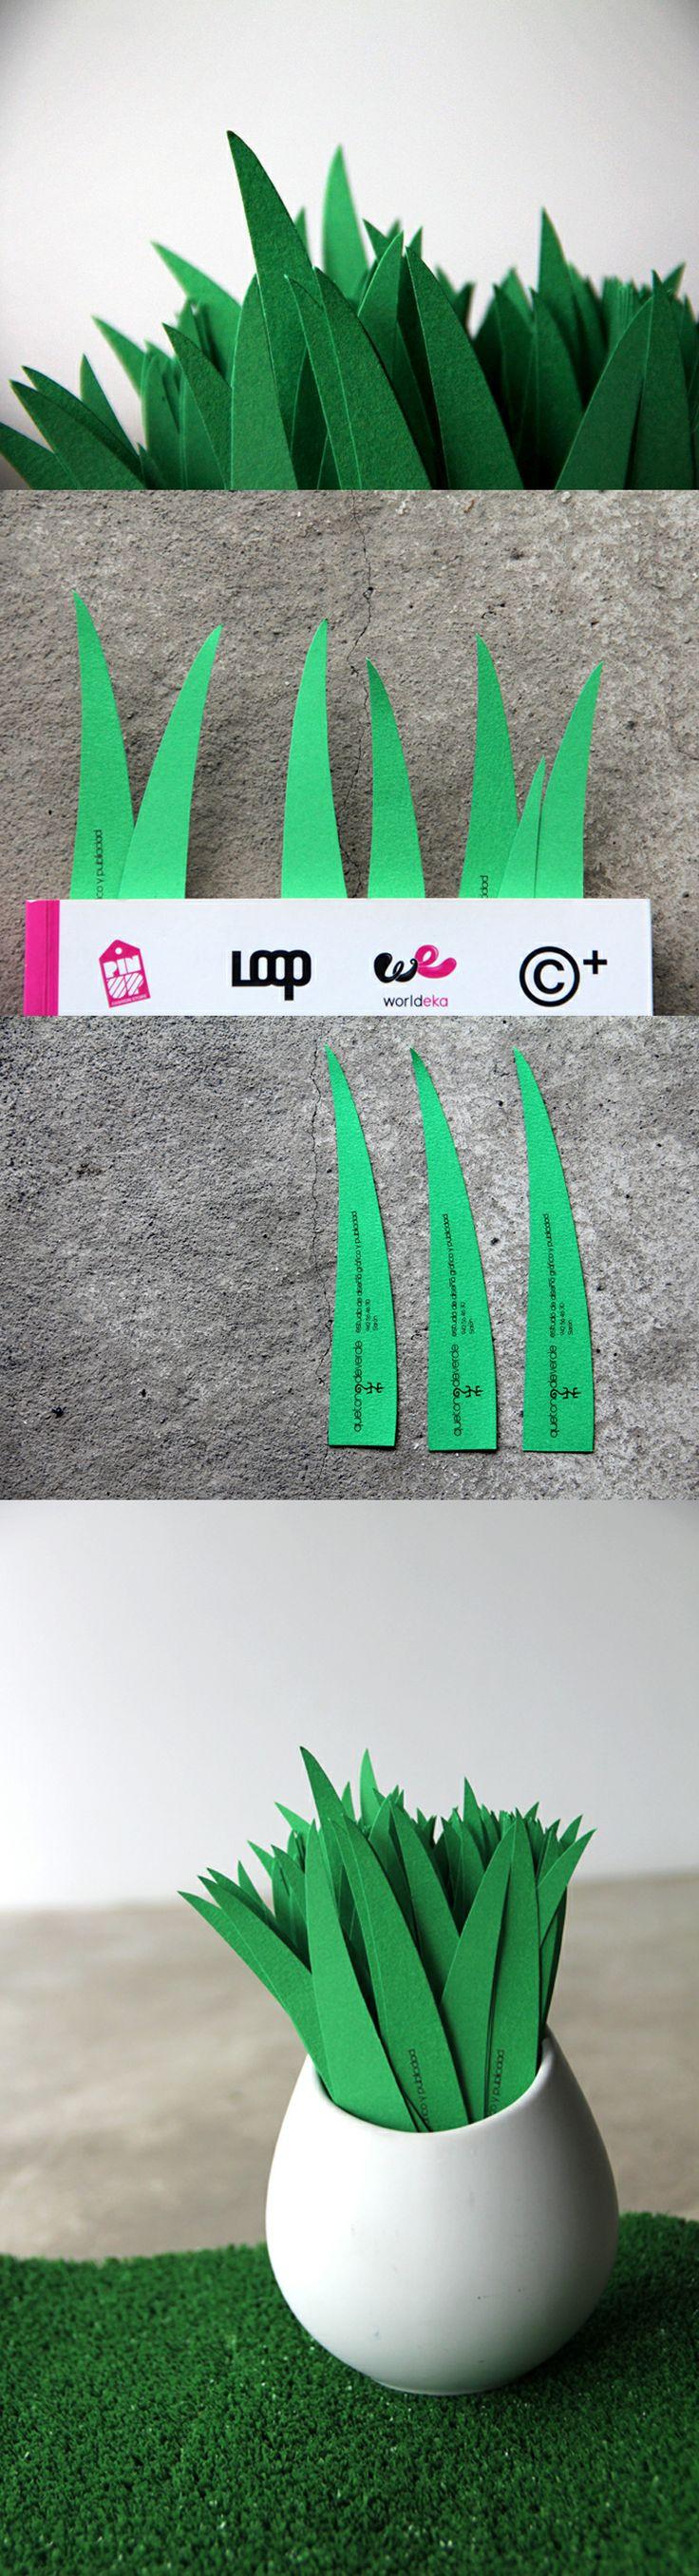 Hemos hecho unos marca páginas personalizados especialmente para la Feria del libro de Sarón, si queréis uno sólo tenéis que pasar por el stand de la Biblioteca pública Jerónimo Arozamena y por la compra de un libro (que éste año están a precios populares) os guiarán con nuestro marca páginas.  Que tono de verde con la lectura...